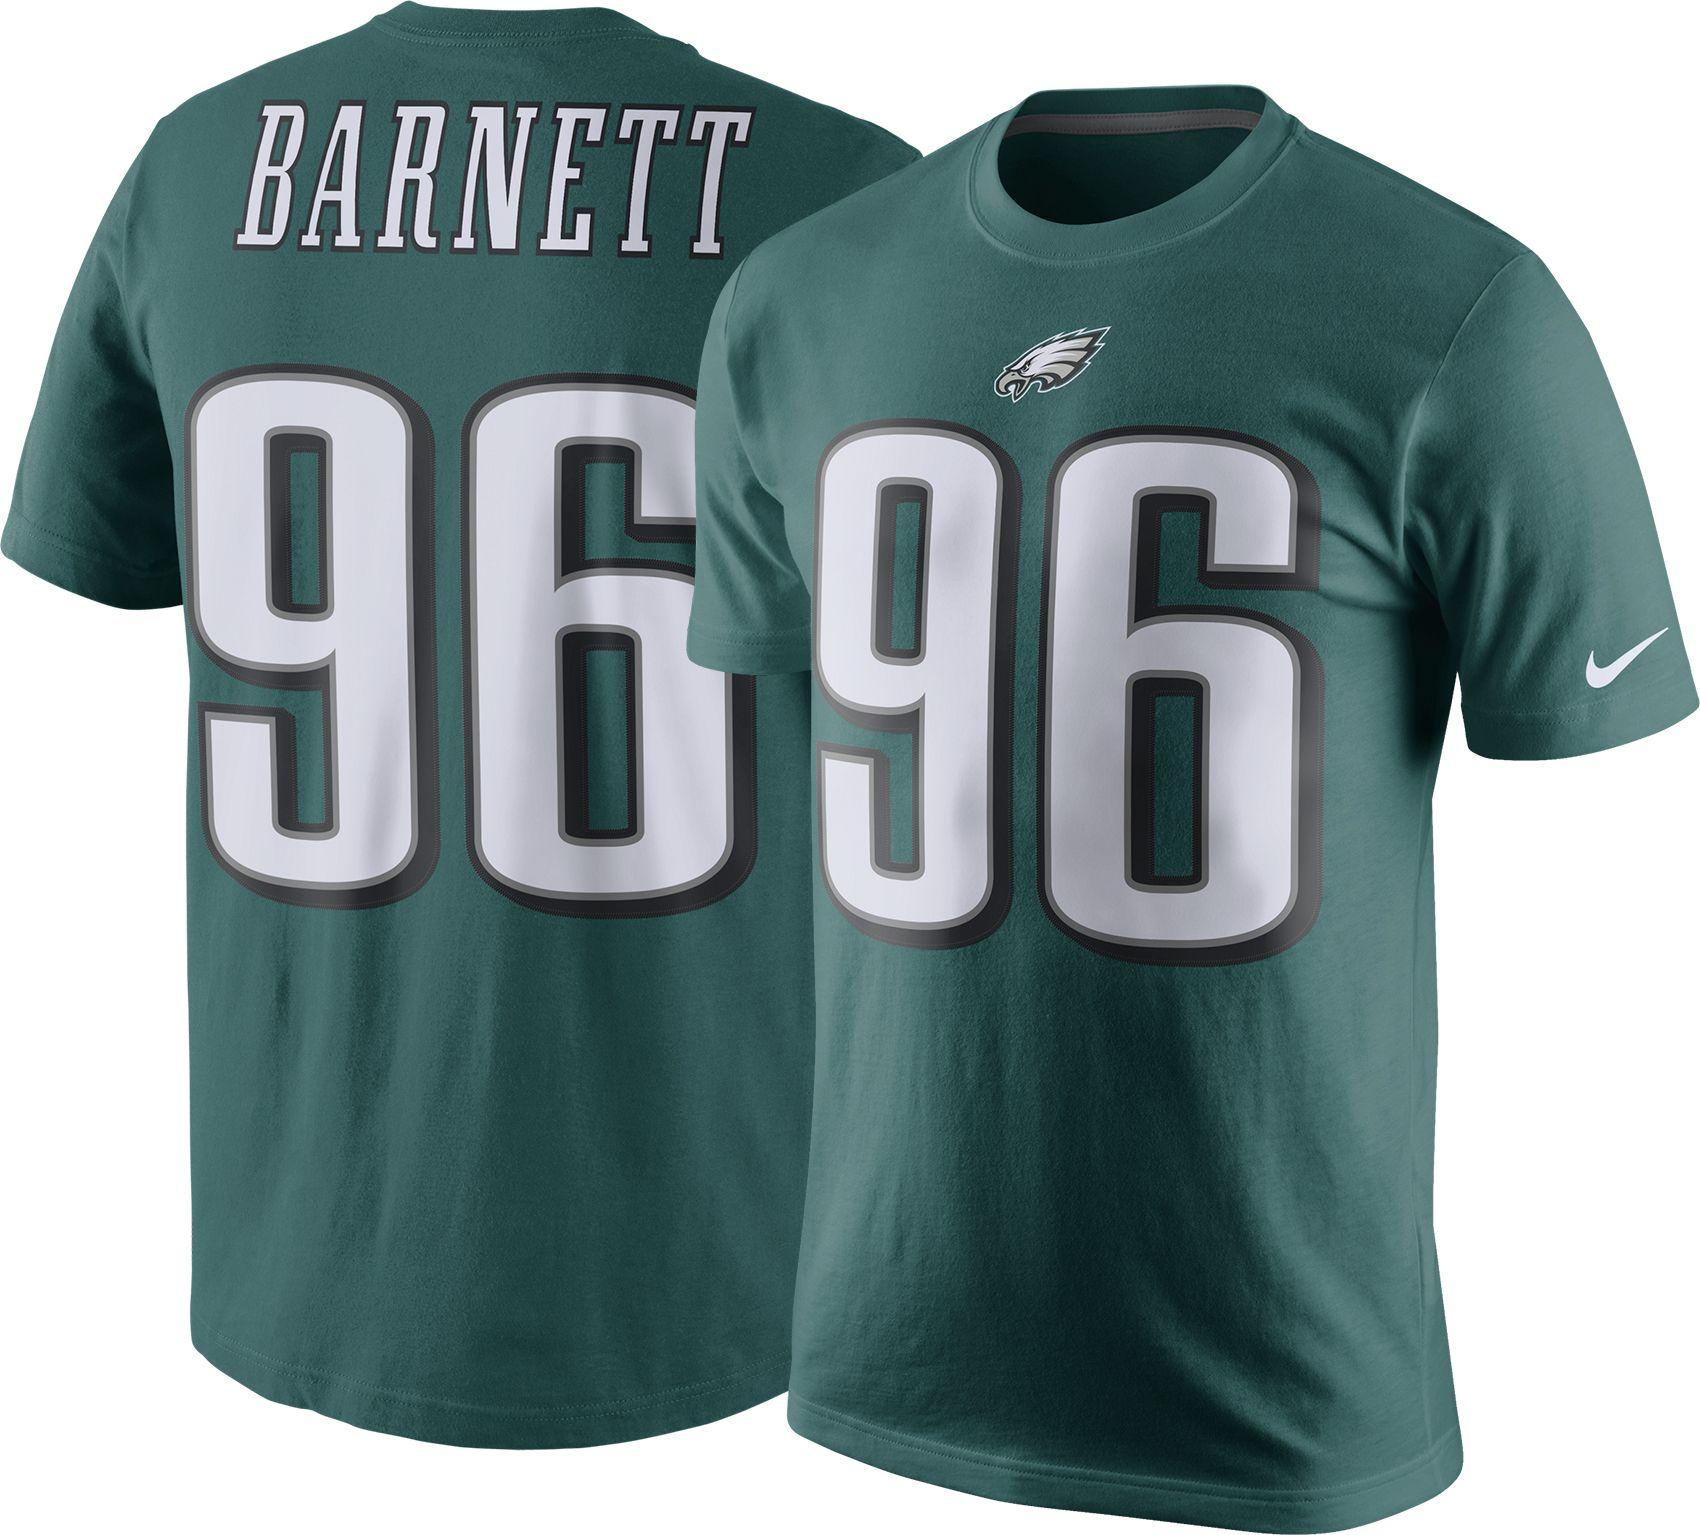 ... T-Shirt Nike Mens Philadelphia Eagles Derek Barnett 96 Pride Green T  2017 Derek Barnett Jersey ... ca4e5deaa